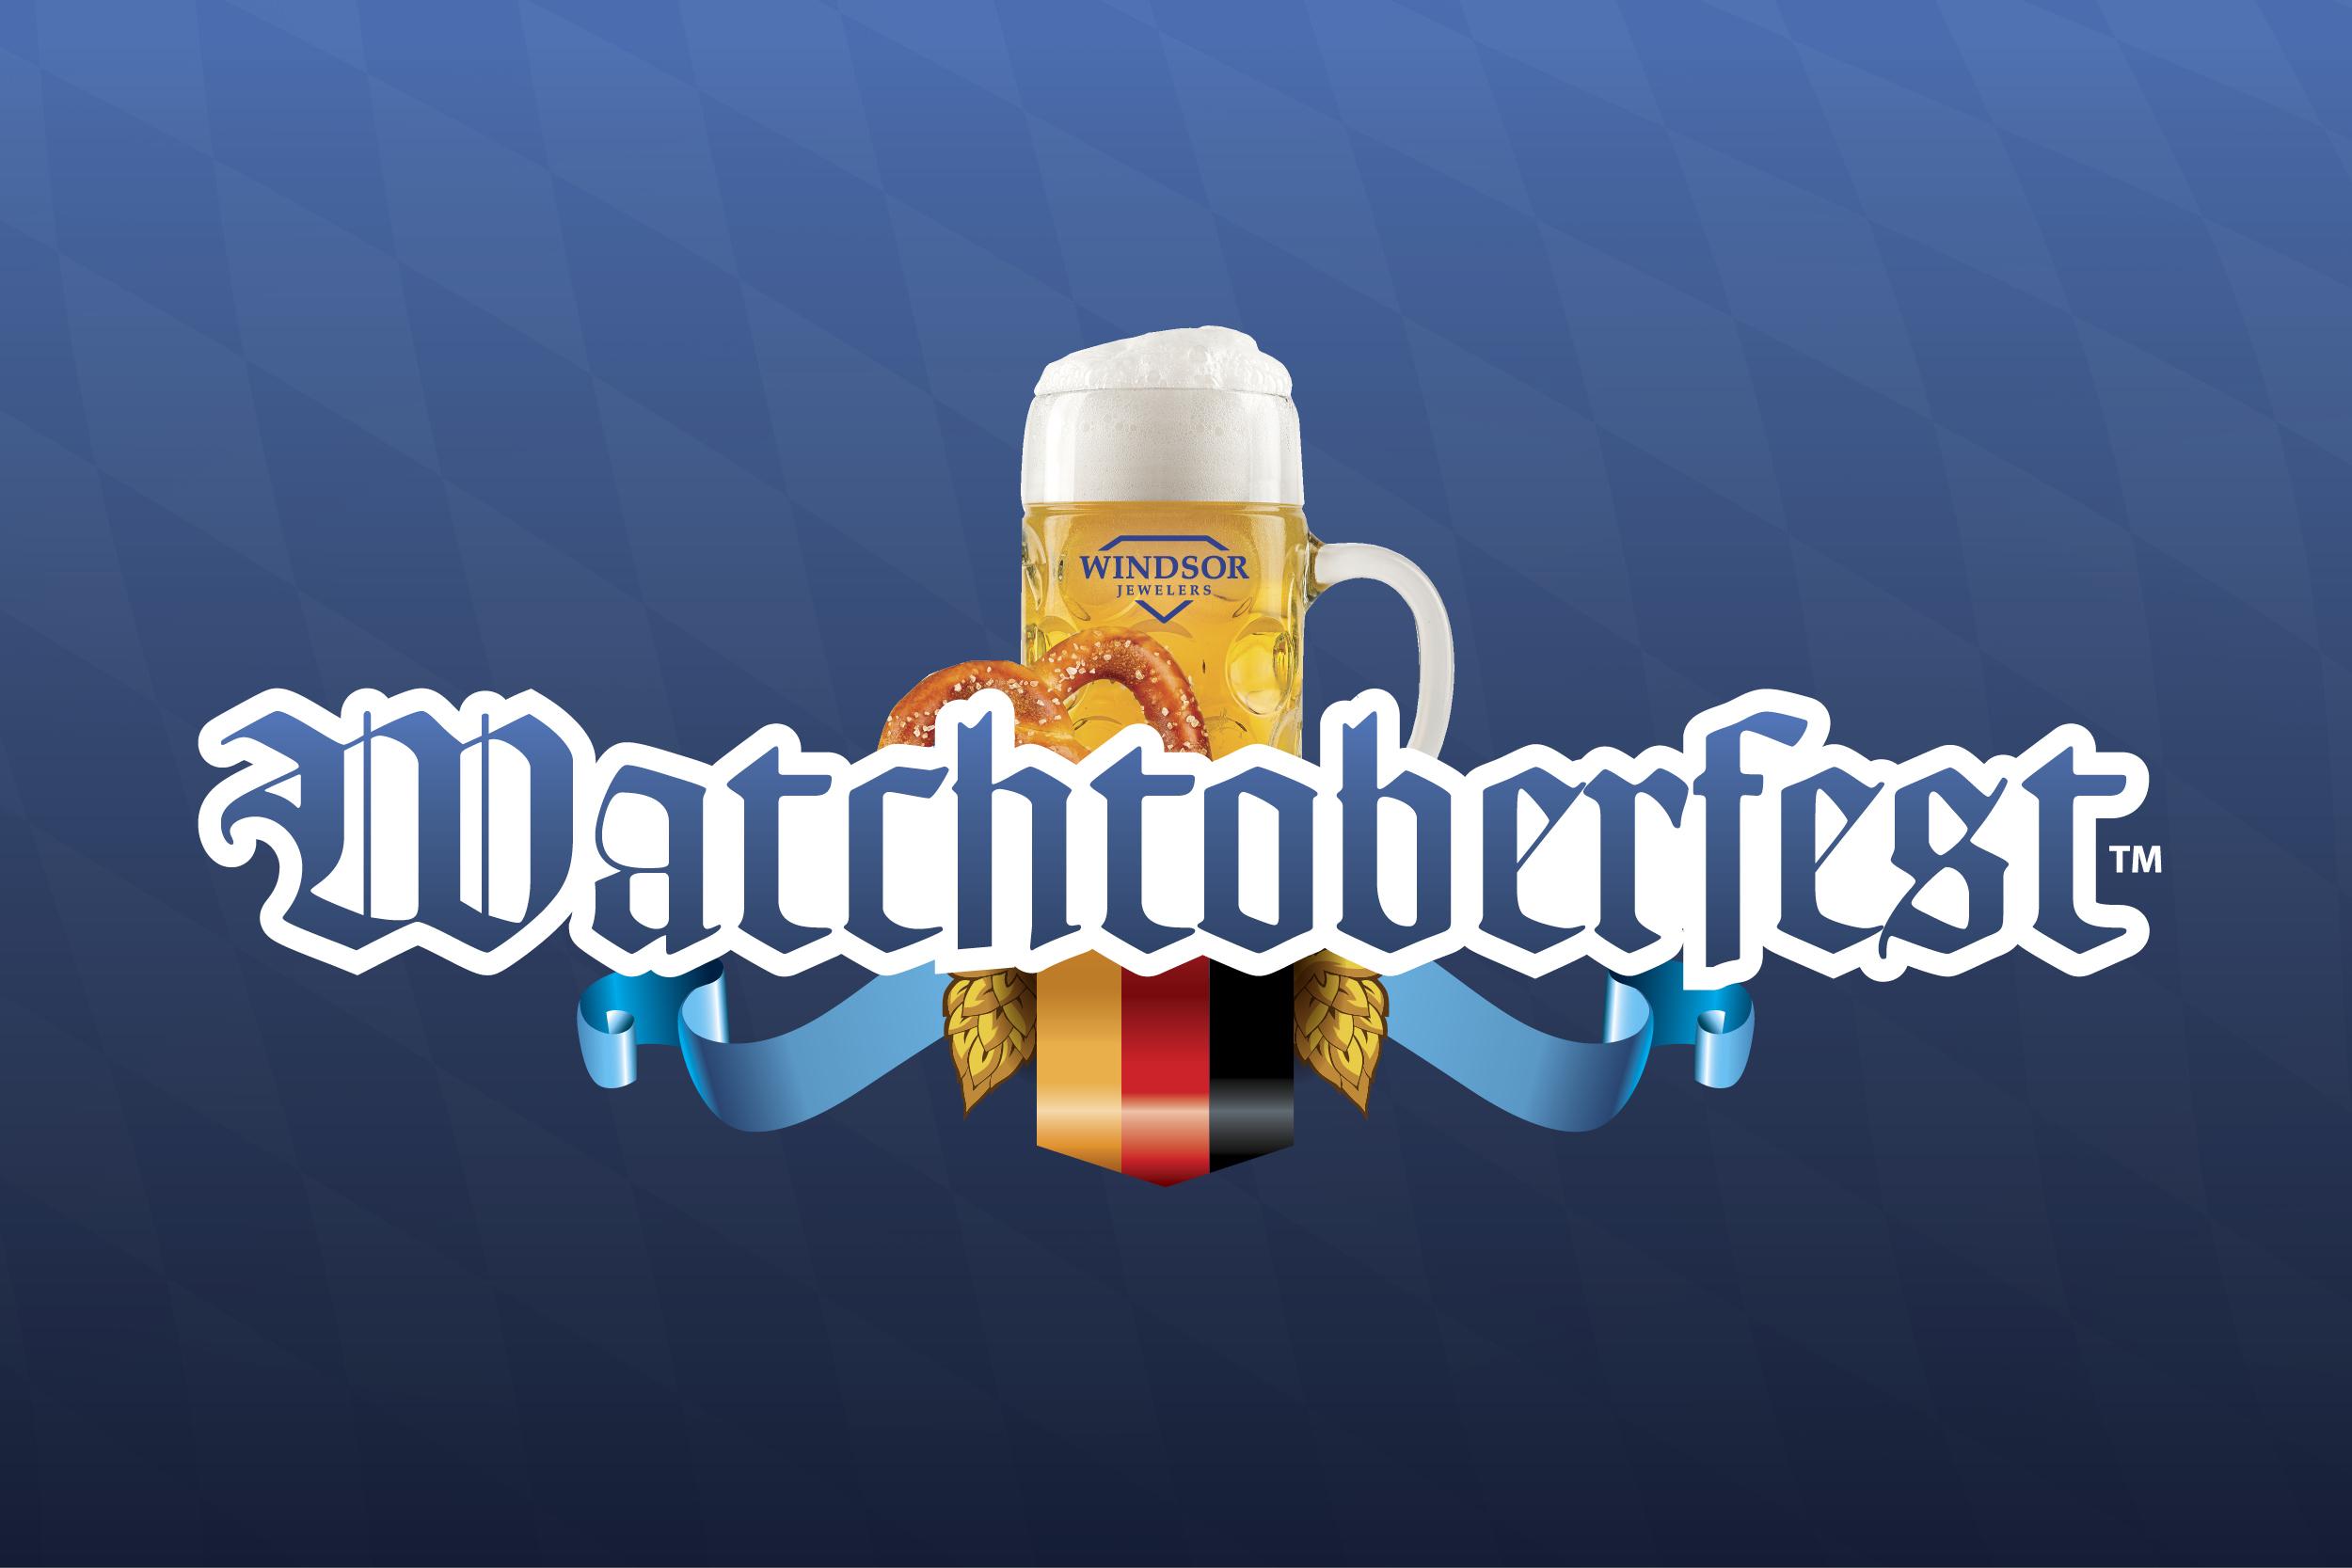 Watchtoberfest™